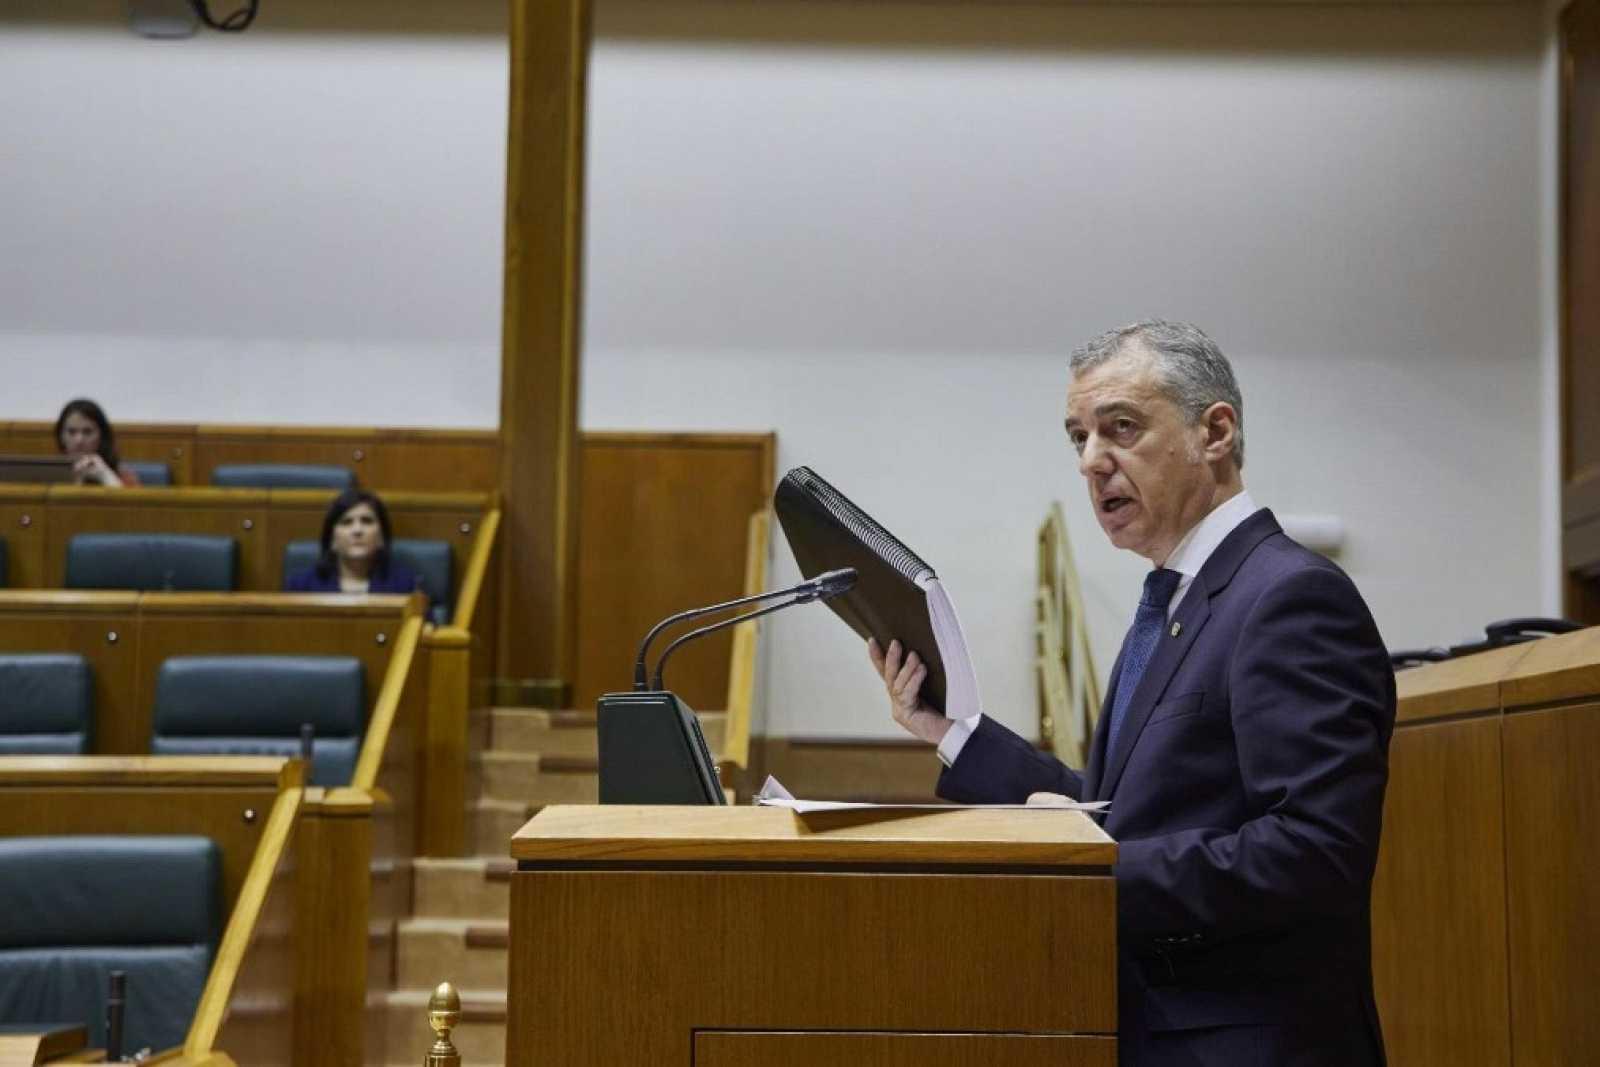 Fotografía cedida por el Parlamento Vasco de la intervención del lehendakari, Iñigo Urkullu, durante la reunión de la Diputación Permanente del Parlamento Vasco